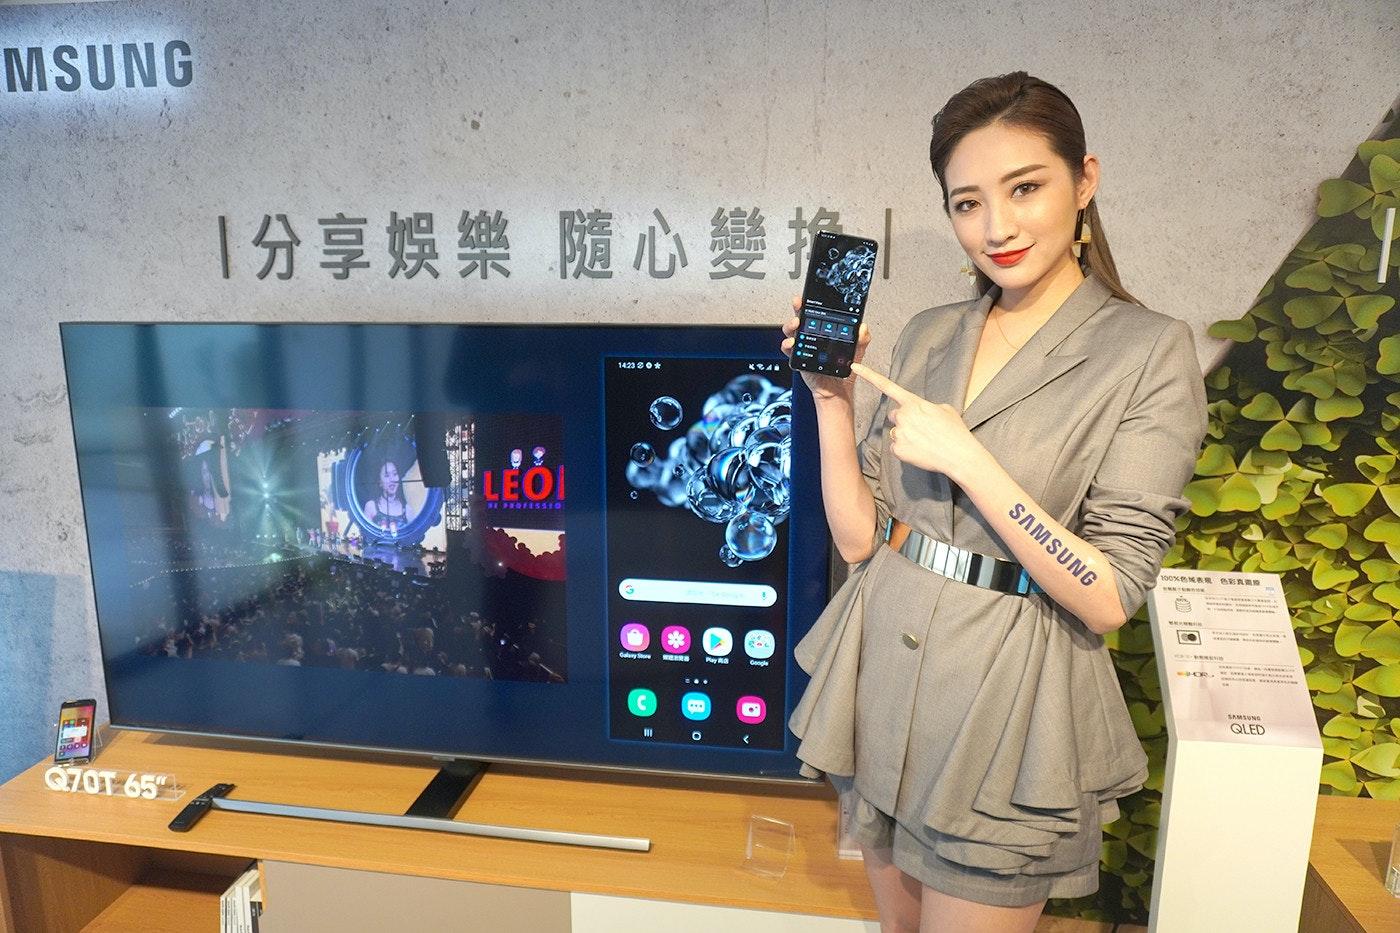 照片中提到了MSUNG、1分享娛樂隨心變、1423 80*,跟三星Galaxy J7、Leoni AG有關,包含了切爾西、顯示裝置、切爾西足球俱樂部、電腦顯示器、超級聯賽